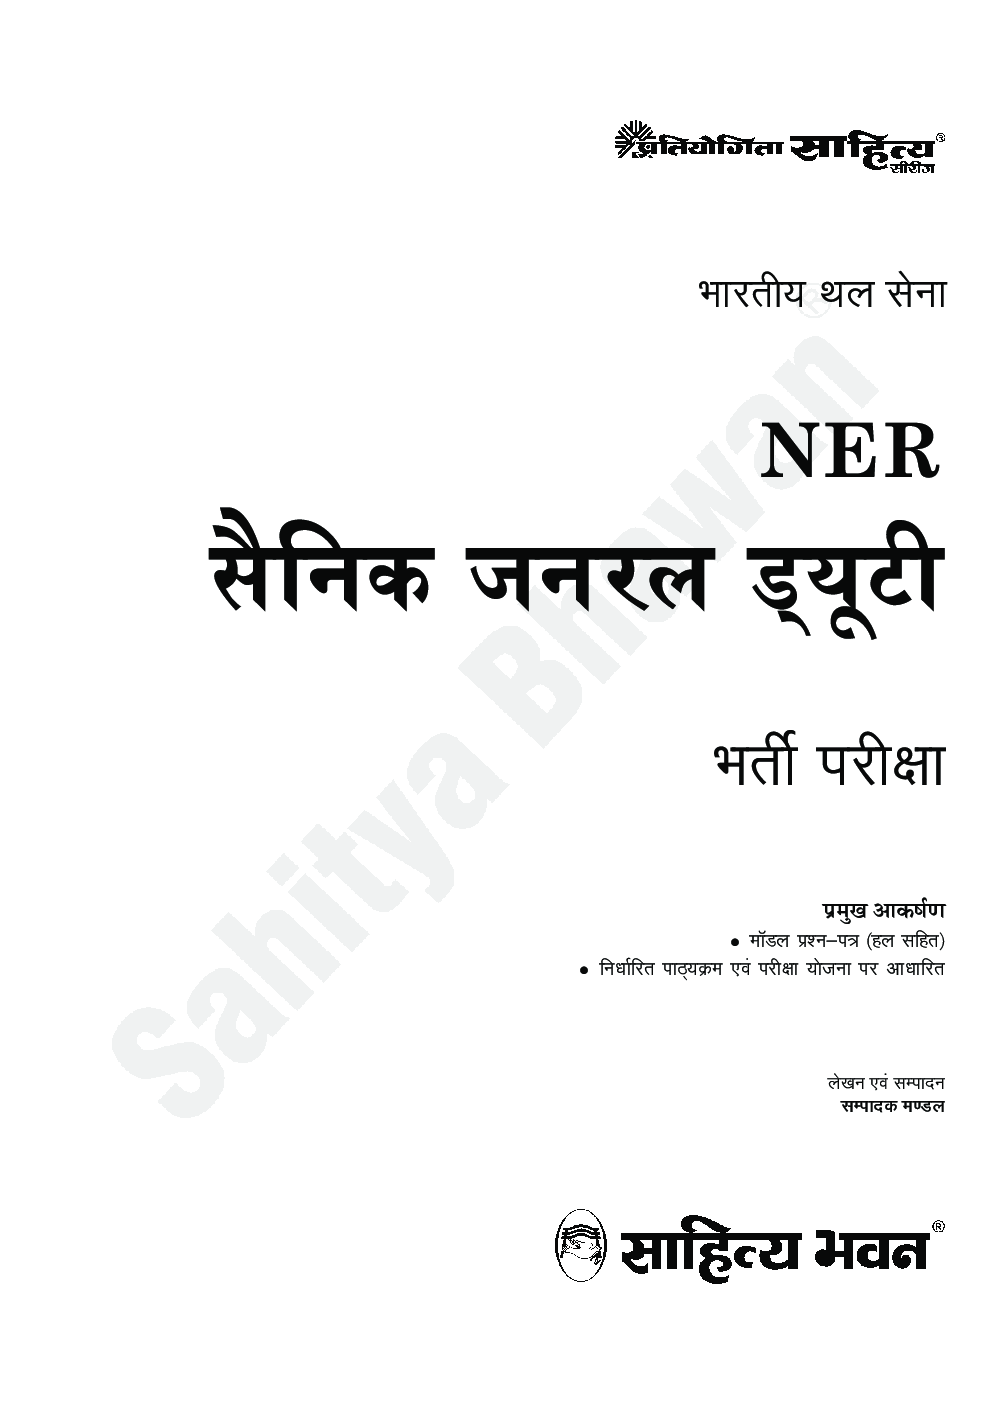 NER Sainik General Eyuti Bahrti Pariksha - Page 2